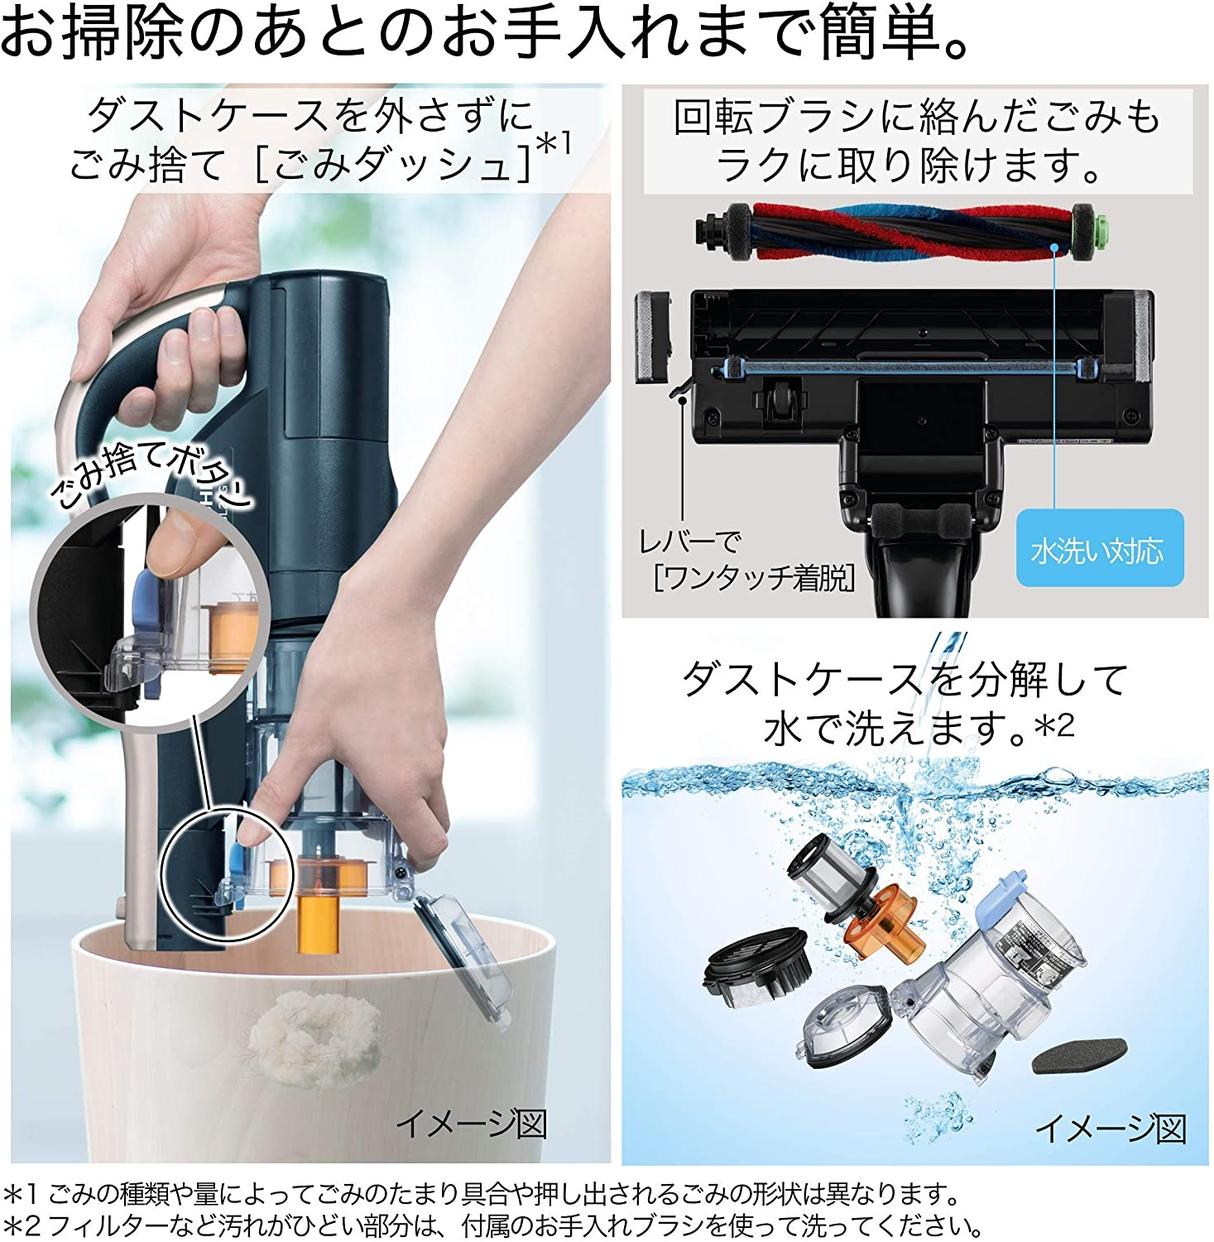 日立(HITACHI) ラクかるスティック PV-BL20Gの商品画像8